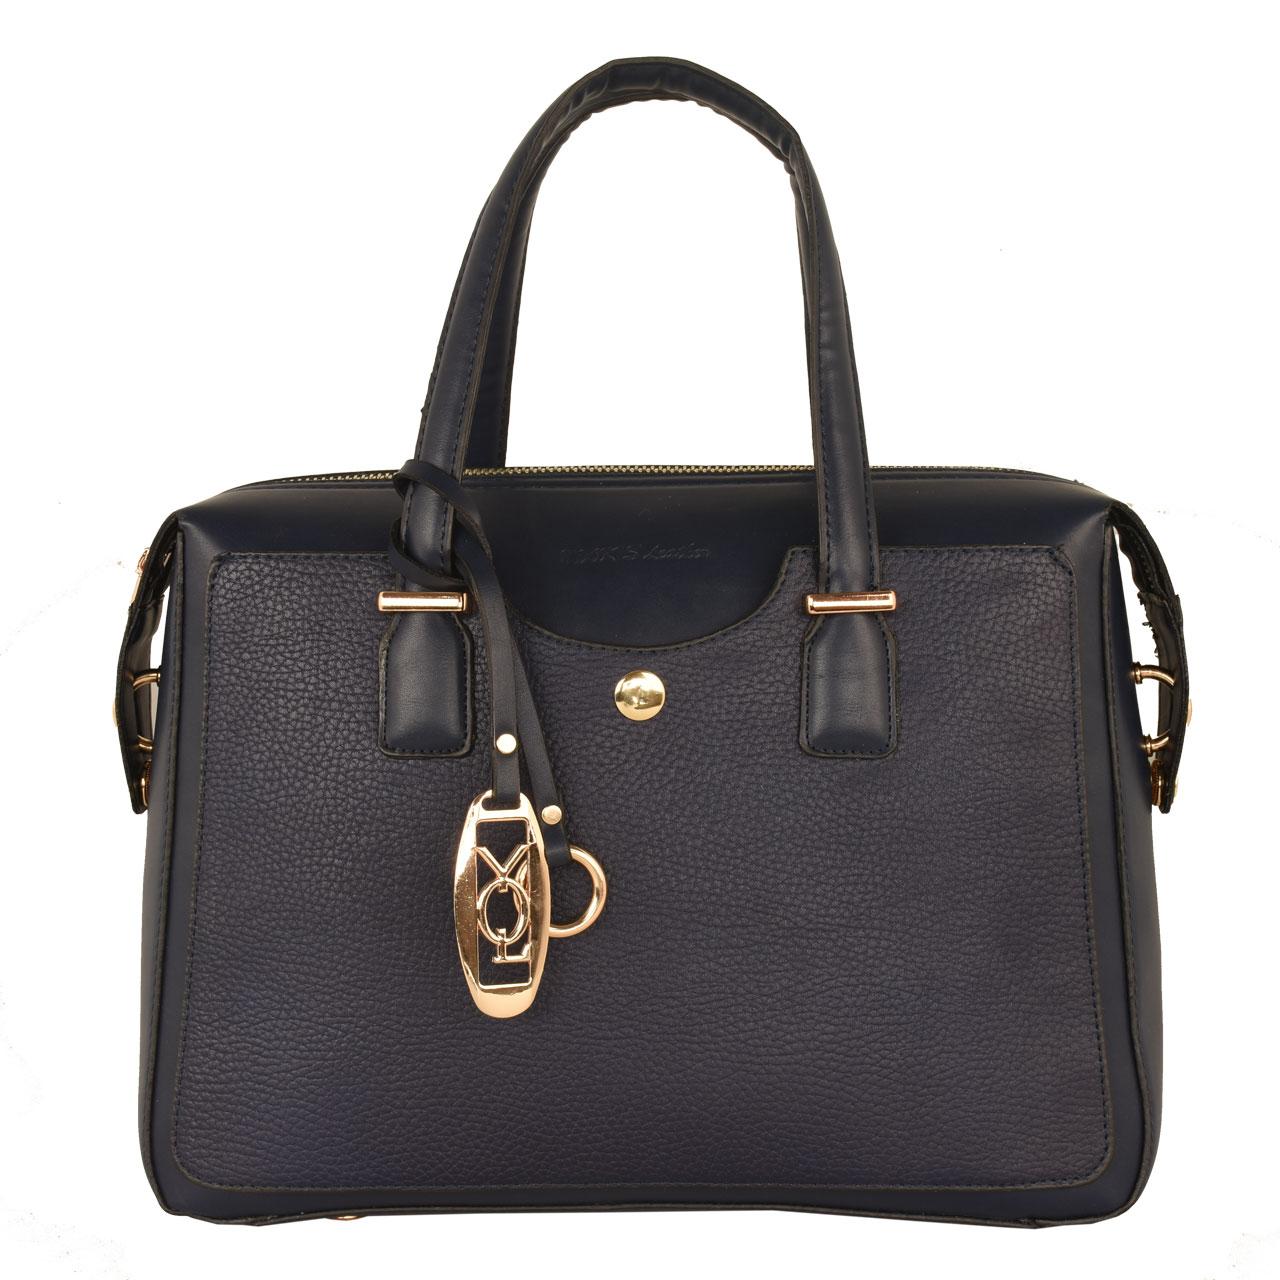 کیف دستی زنانه پارینه مدل PLV105-11